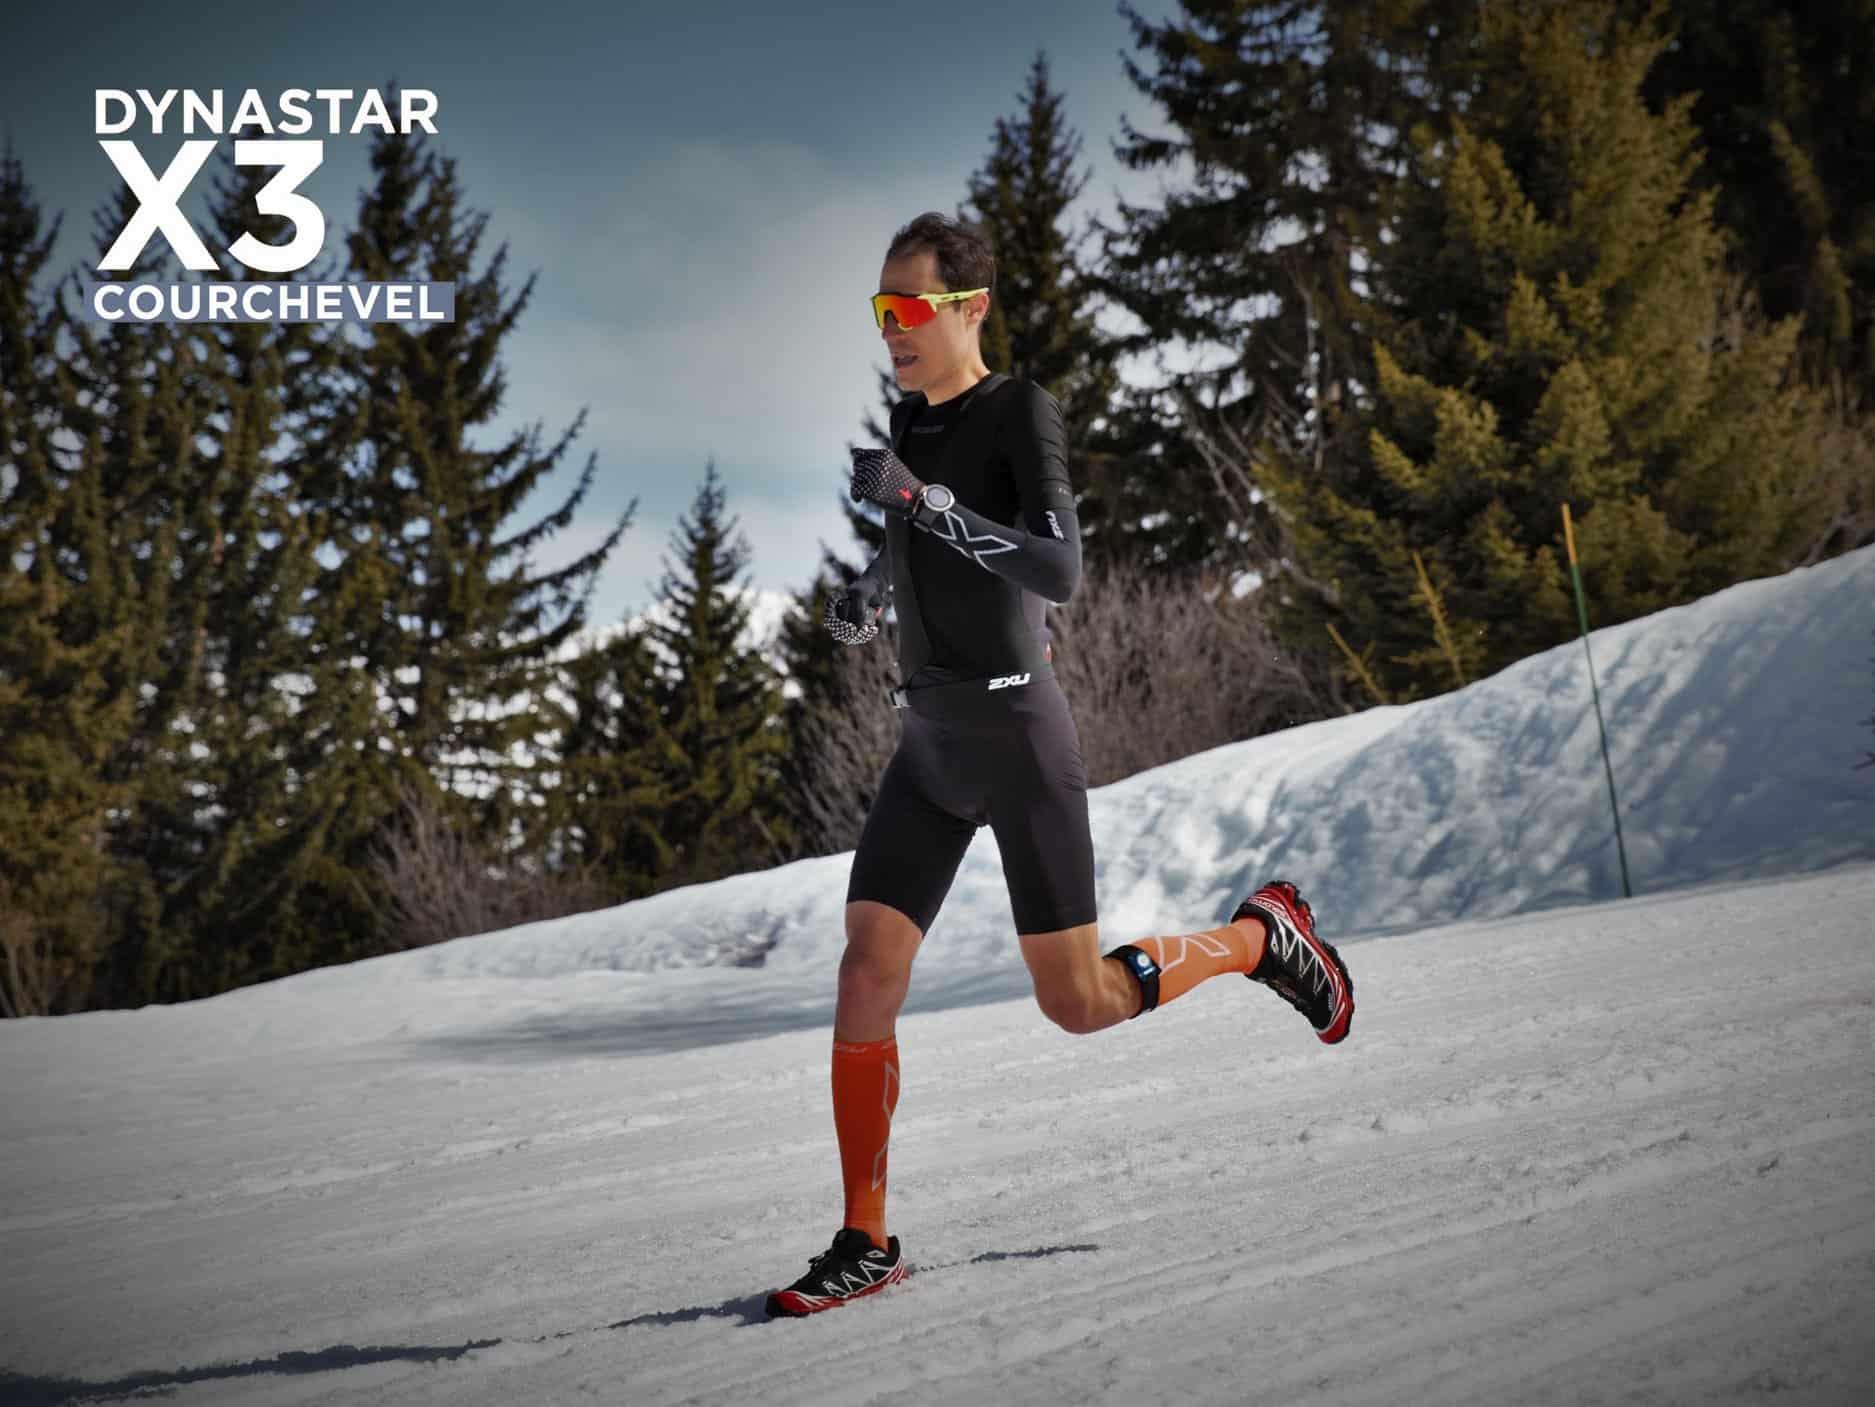 nicolas raybaud en trail au triathlon dynastar X3 courchevel